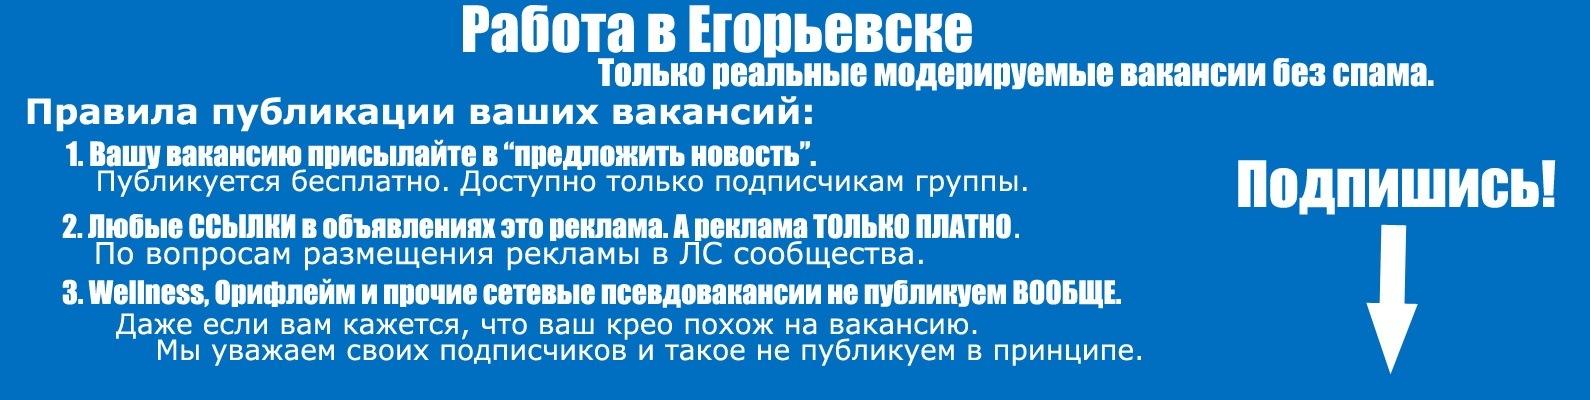 Где можно купить мед справку на водительские права в Егорьевске